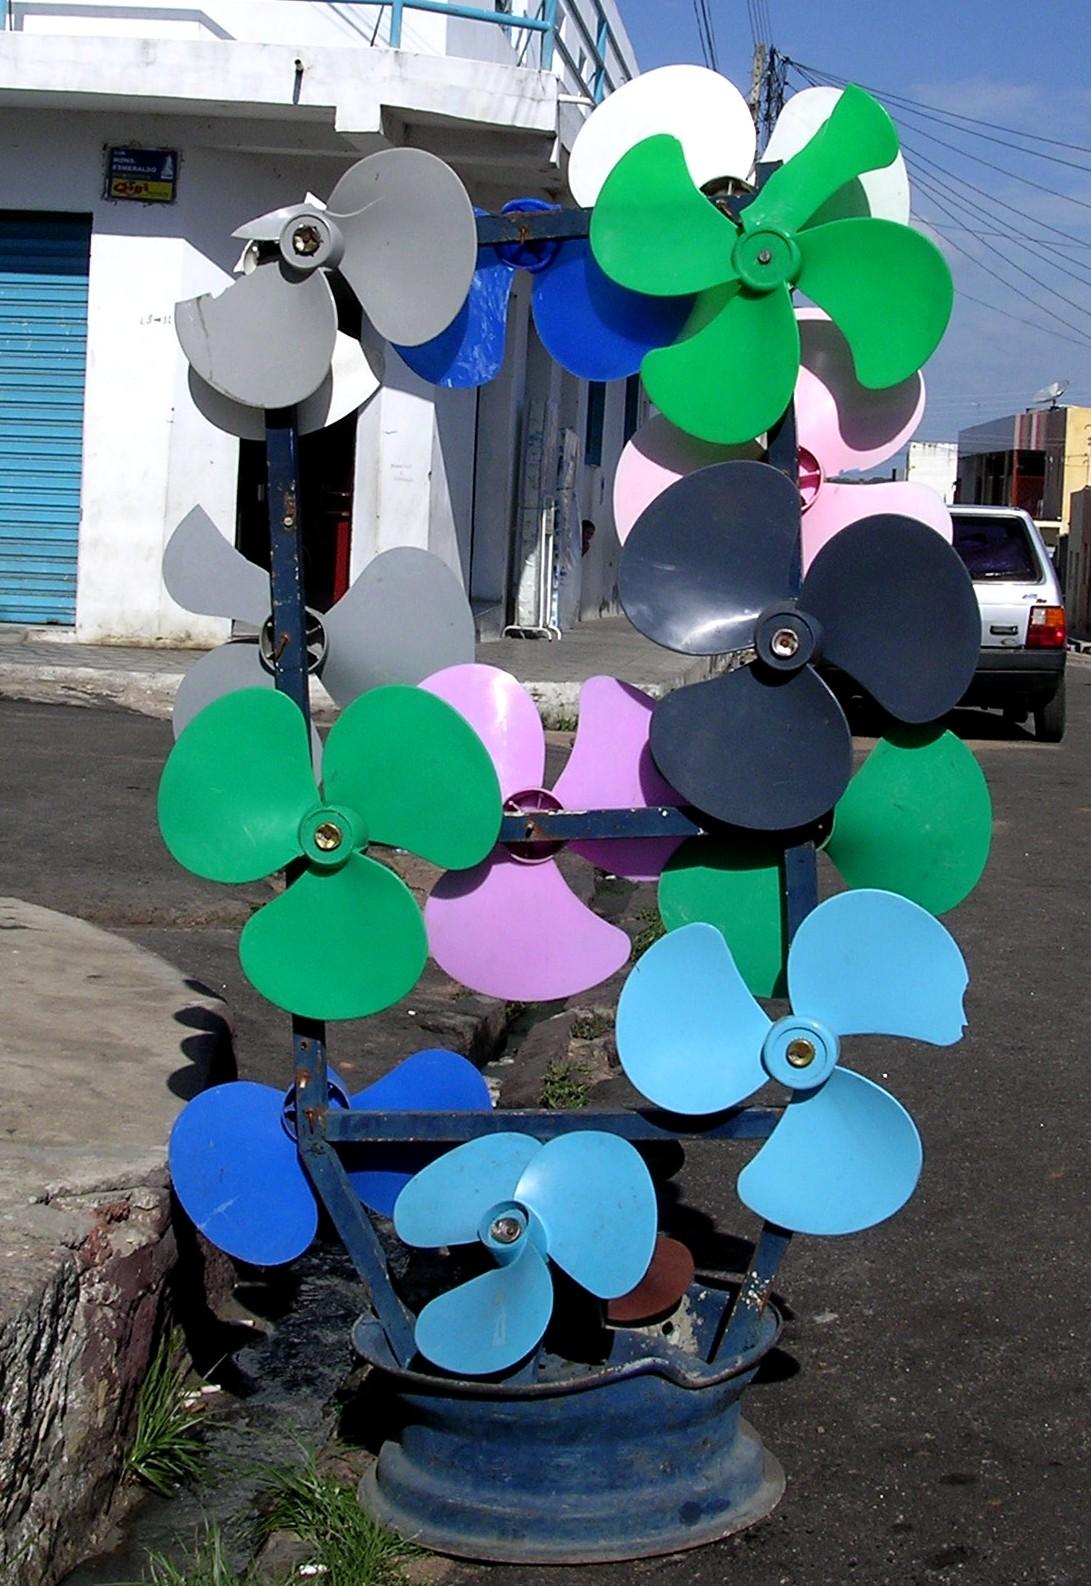 A venda de mercadorias nas ruas de Juazeiro do Norte, CE